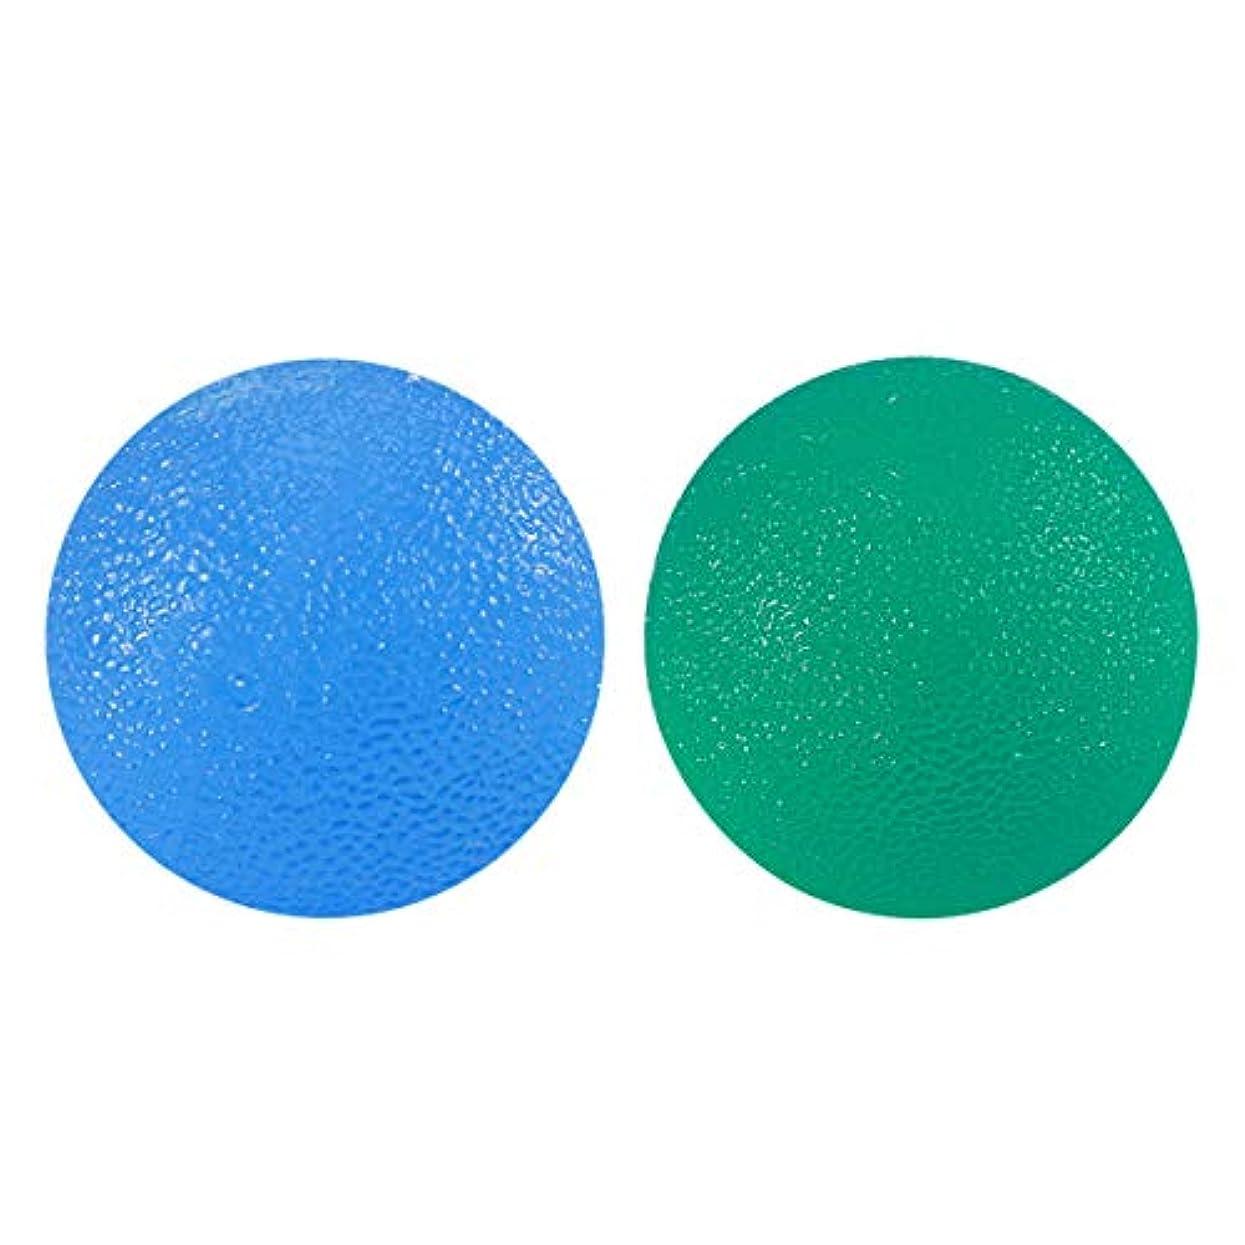 視力柔らかい治世ROSENICE フィンガーセラピーボールエクササイズボールハンドリハビリトレインボール2個